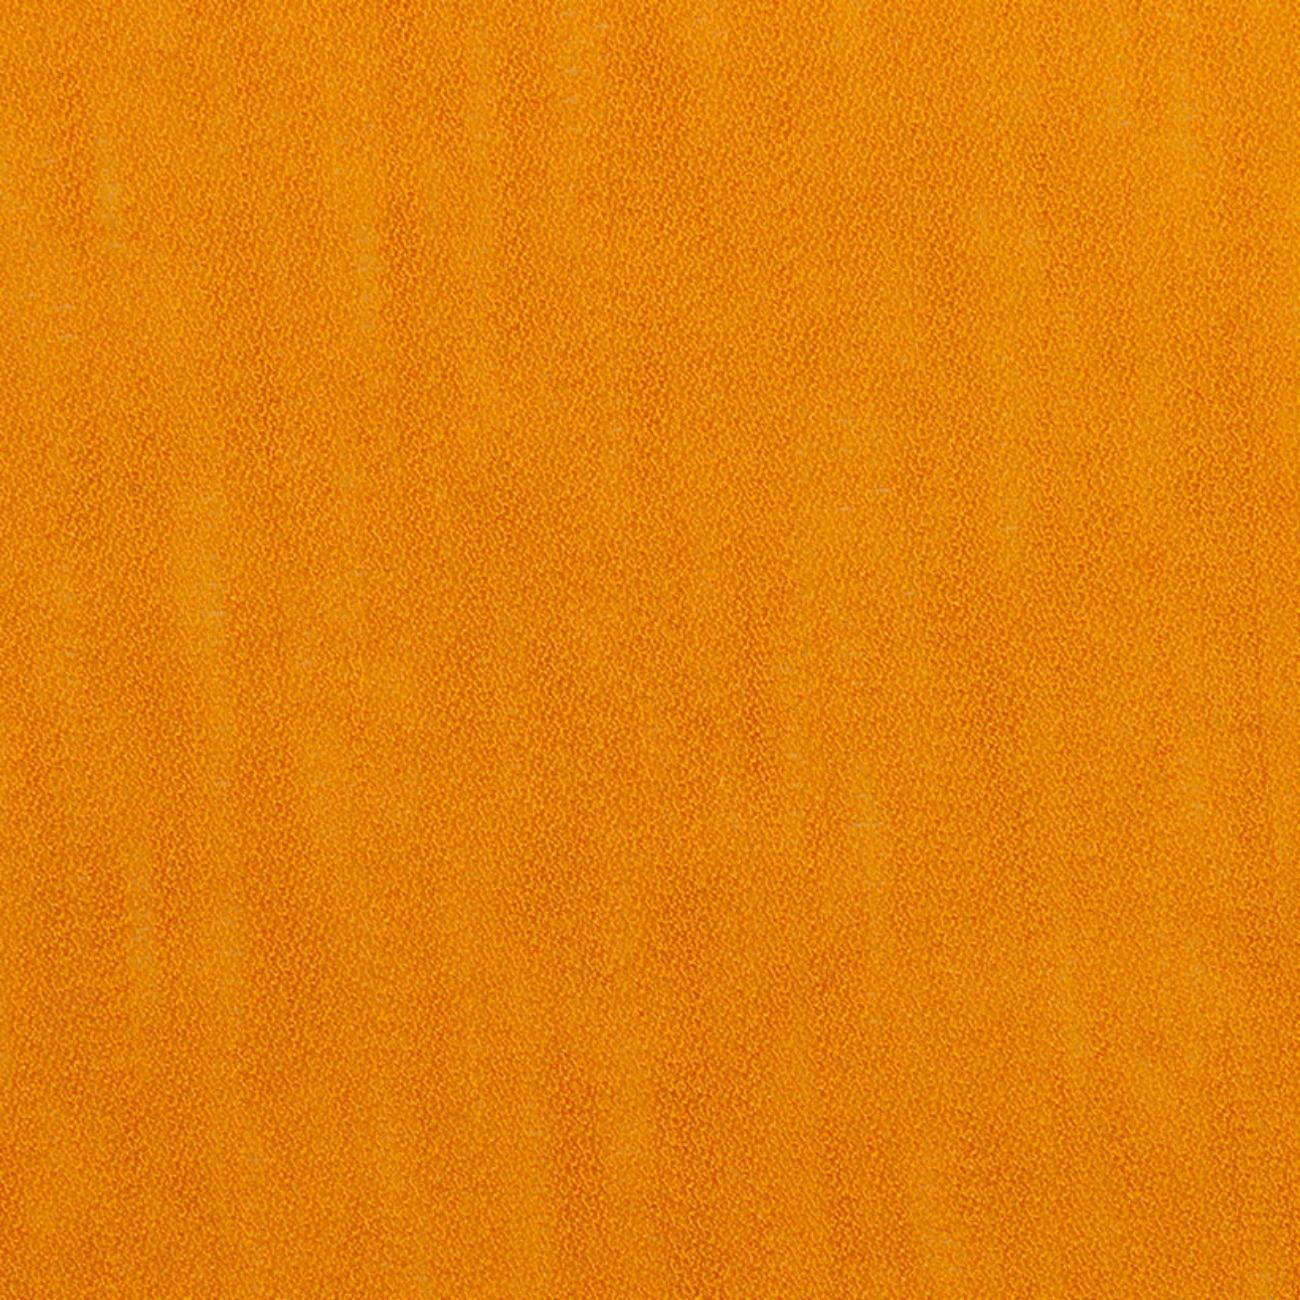 素色 针织 高弹 针织衫 外套 女装 童装 春秋 柔软 羊毛 71019-15